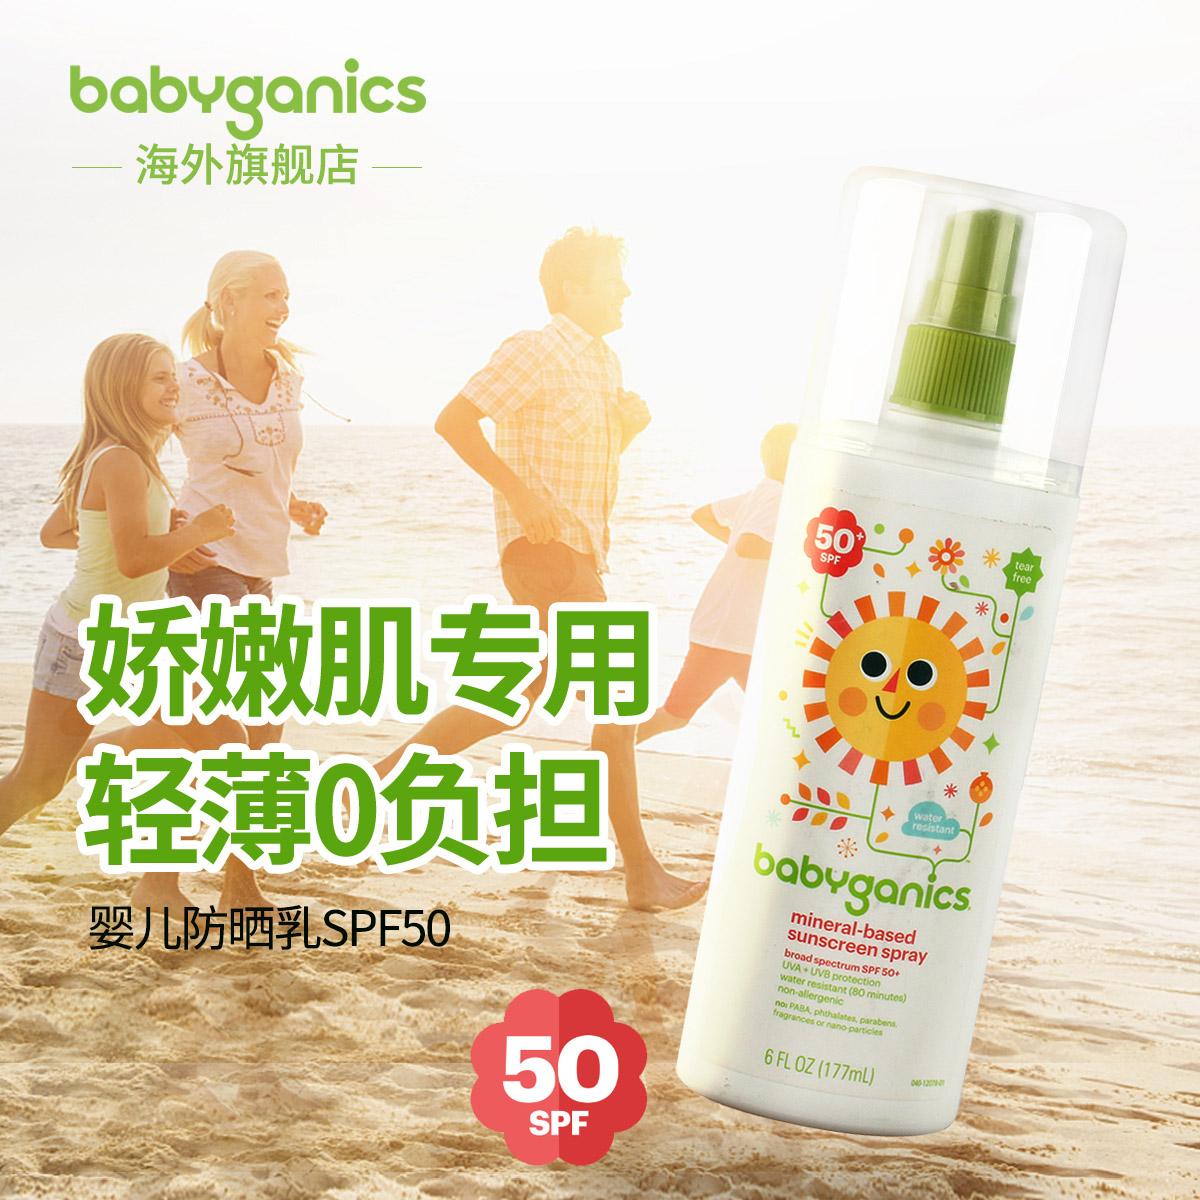 Купить Детские присыпки / Солнцезащитные крема в Китае, в интернет магазине таобао на русском языке